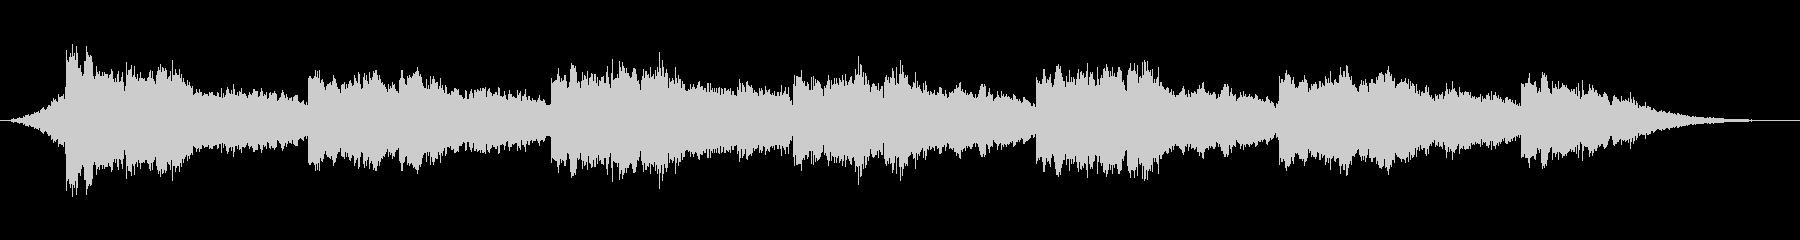 マイナー調のシンプルなピアノのフレーズの未再生の波形